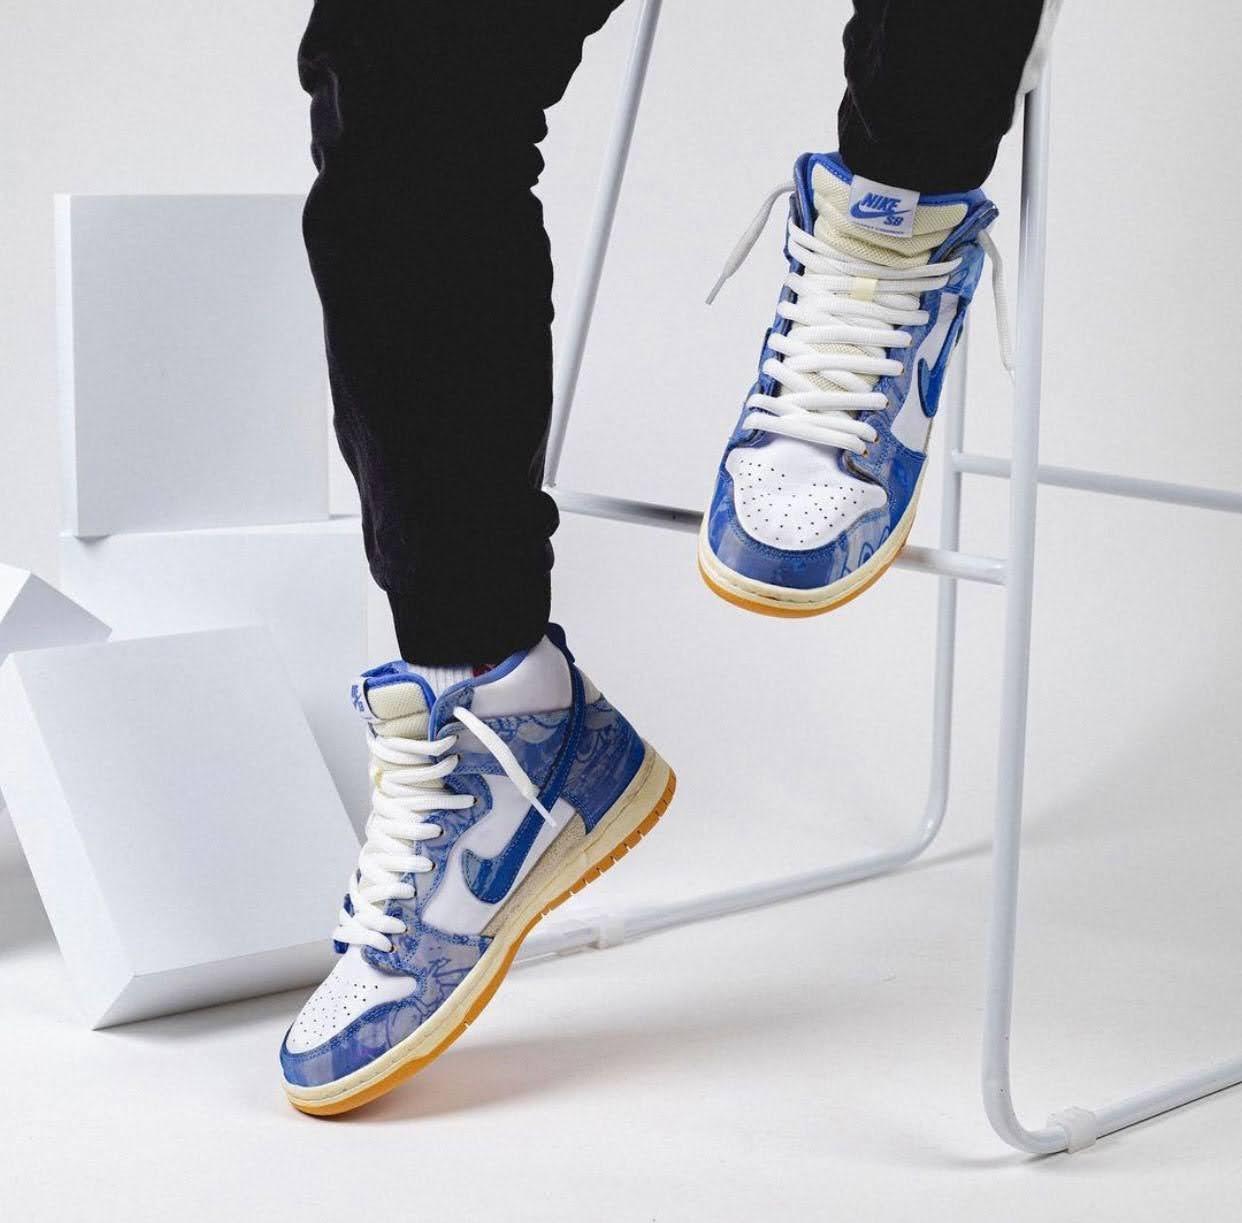 カーペット カンパニー × ナイキ SB ダンク ハイ Carpet-Company-x-Nike-SB-Dunk-High-CV1677-100-pair-on-foot-chair